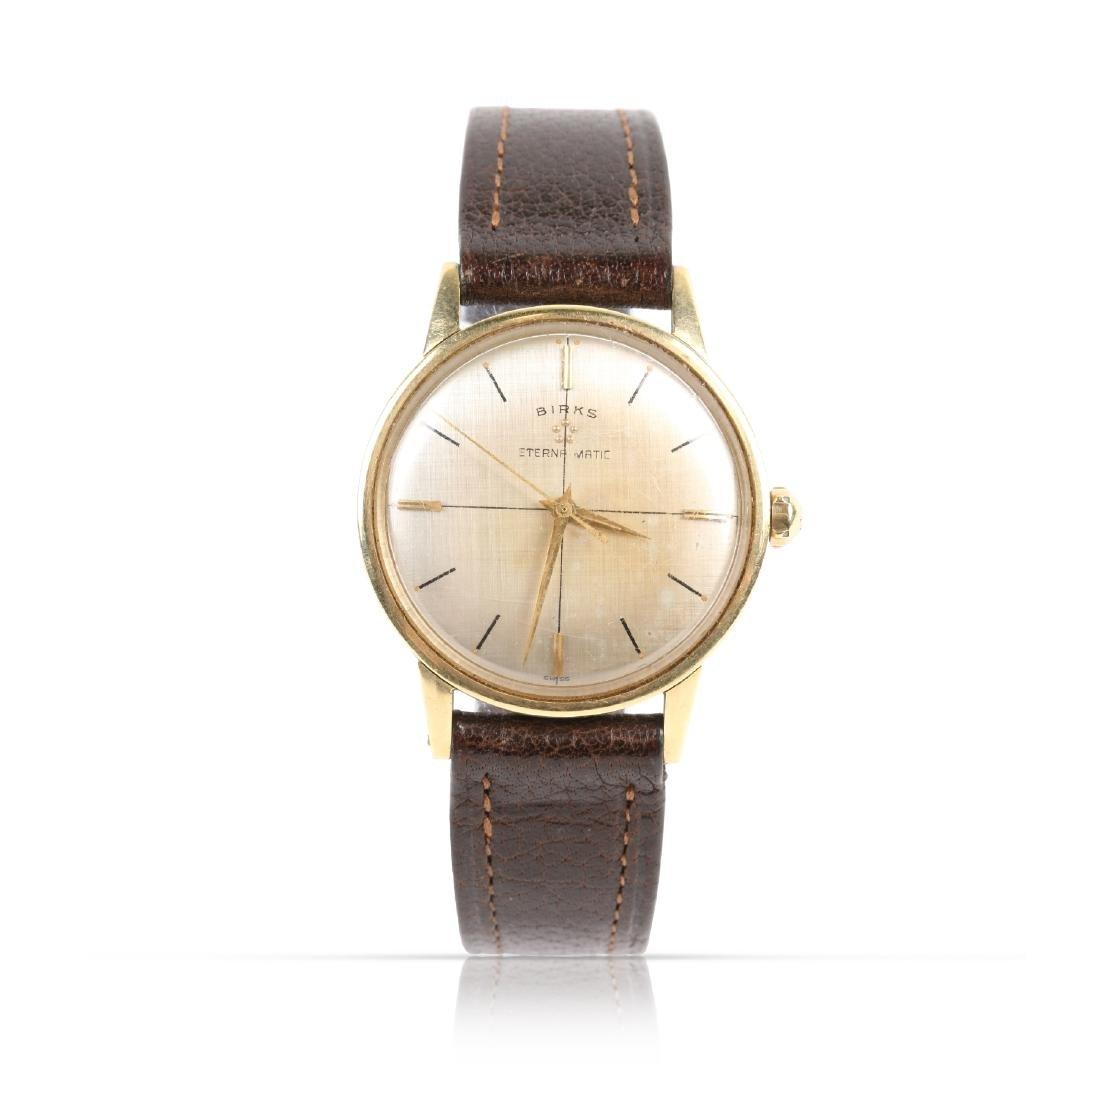 Birks, 14K Eternamatic Wristwatch